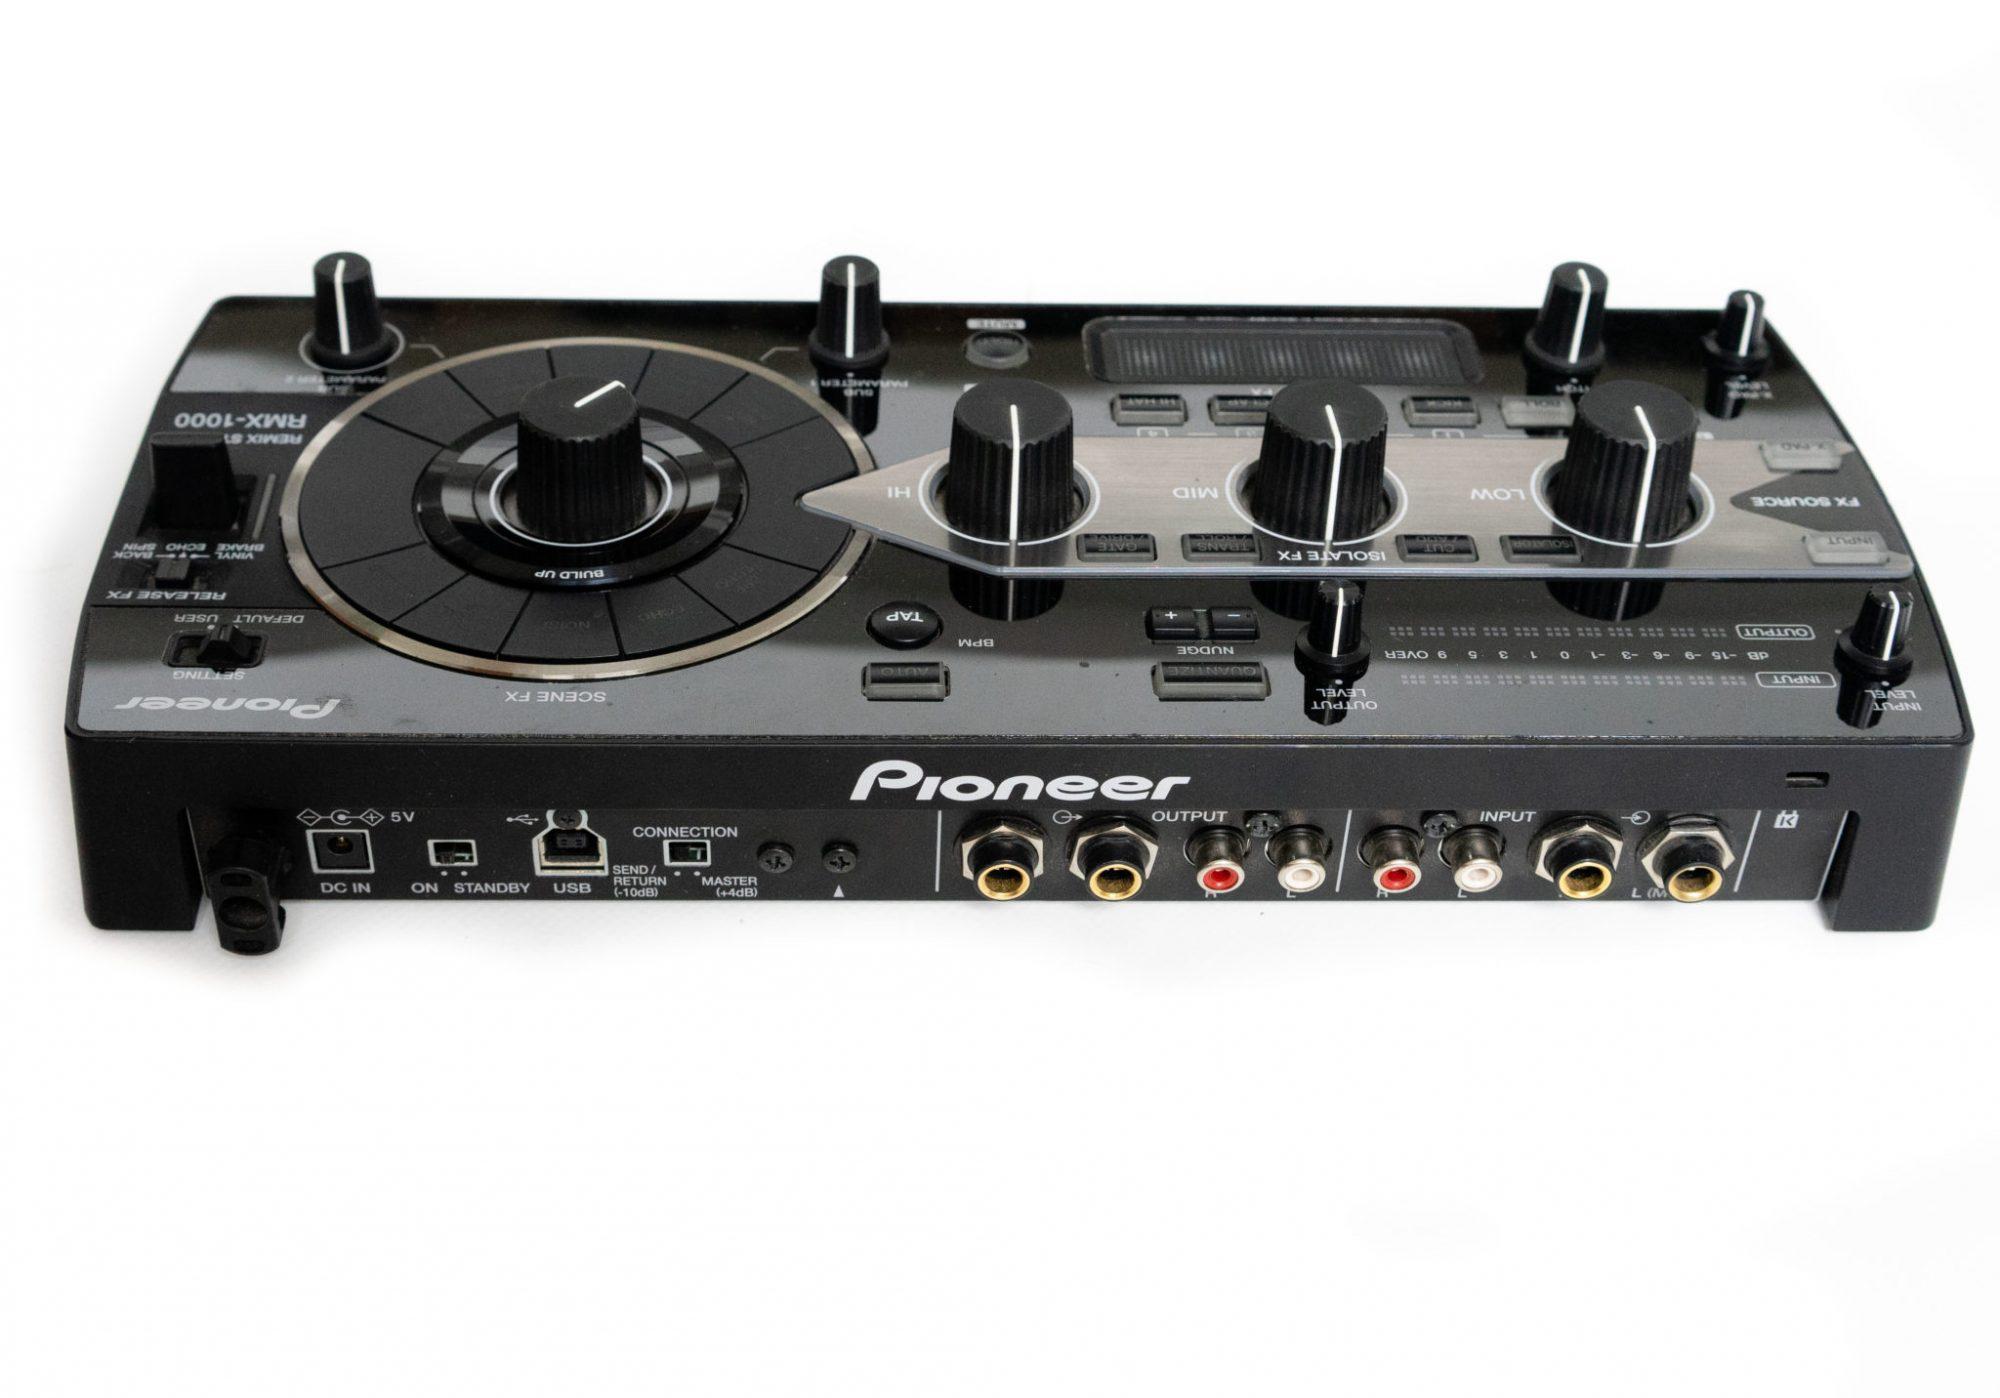 gebraucht kaufen Pioneer RMX 1000